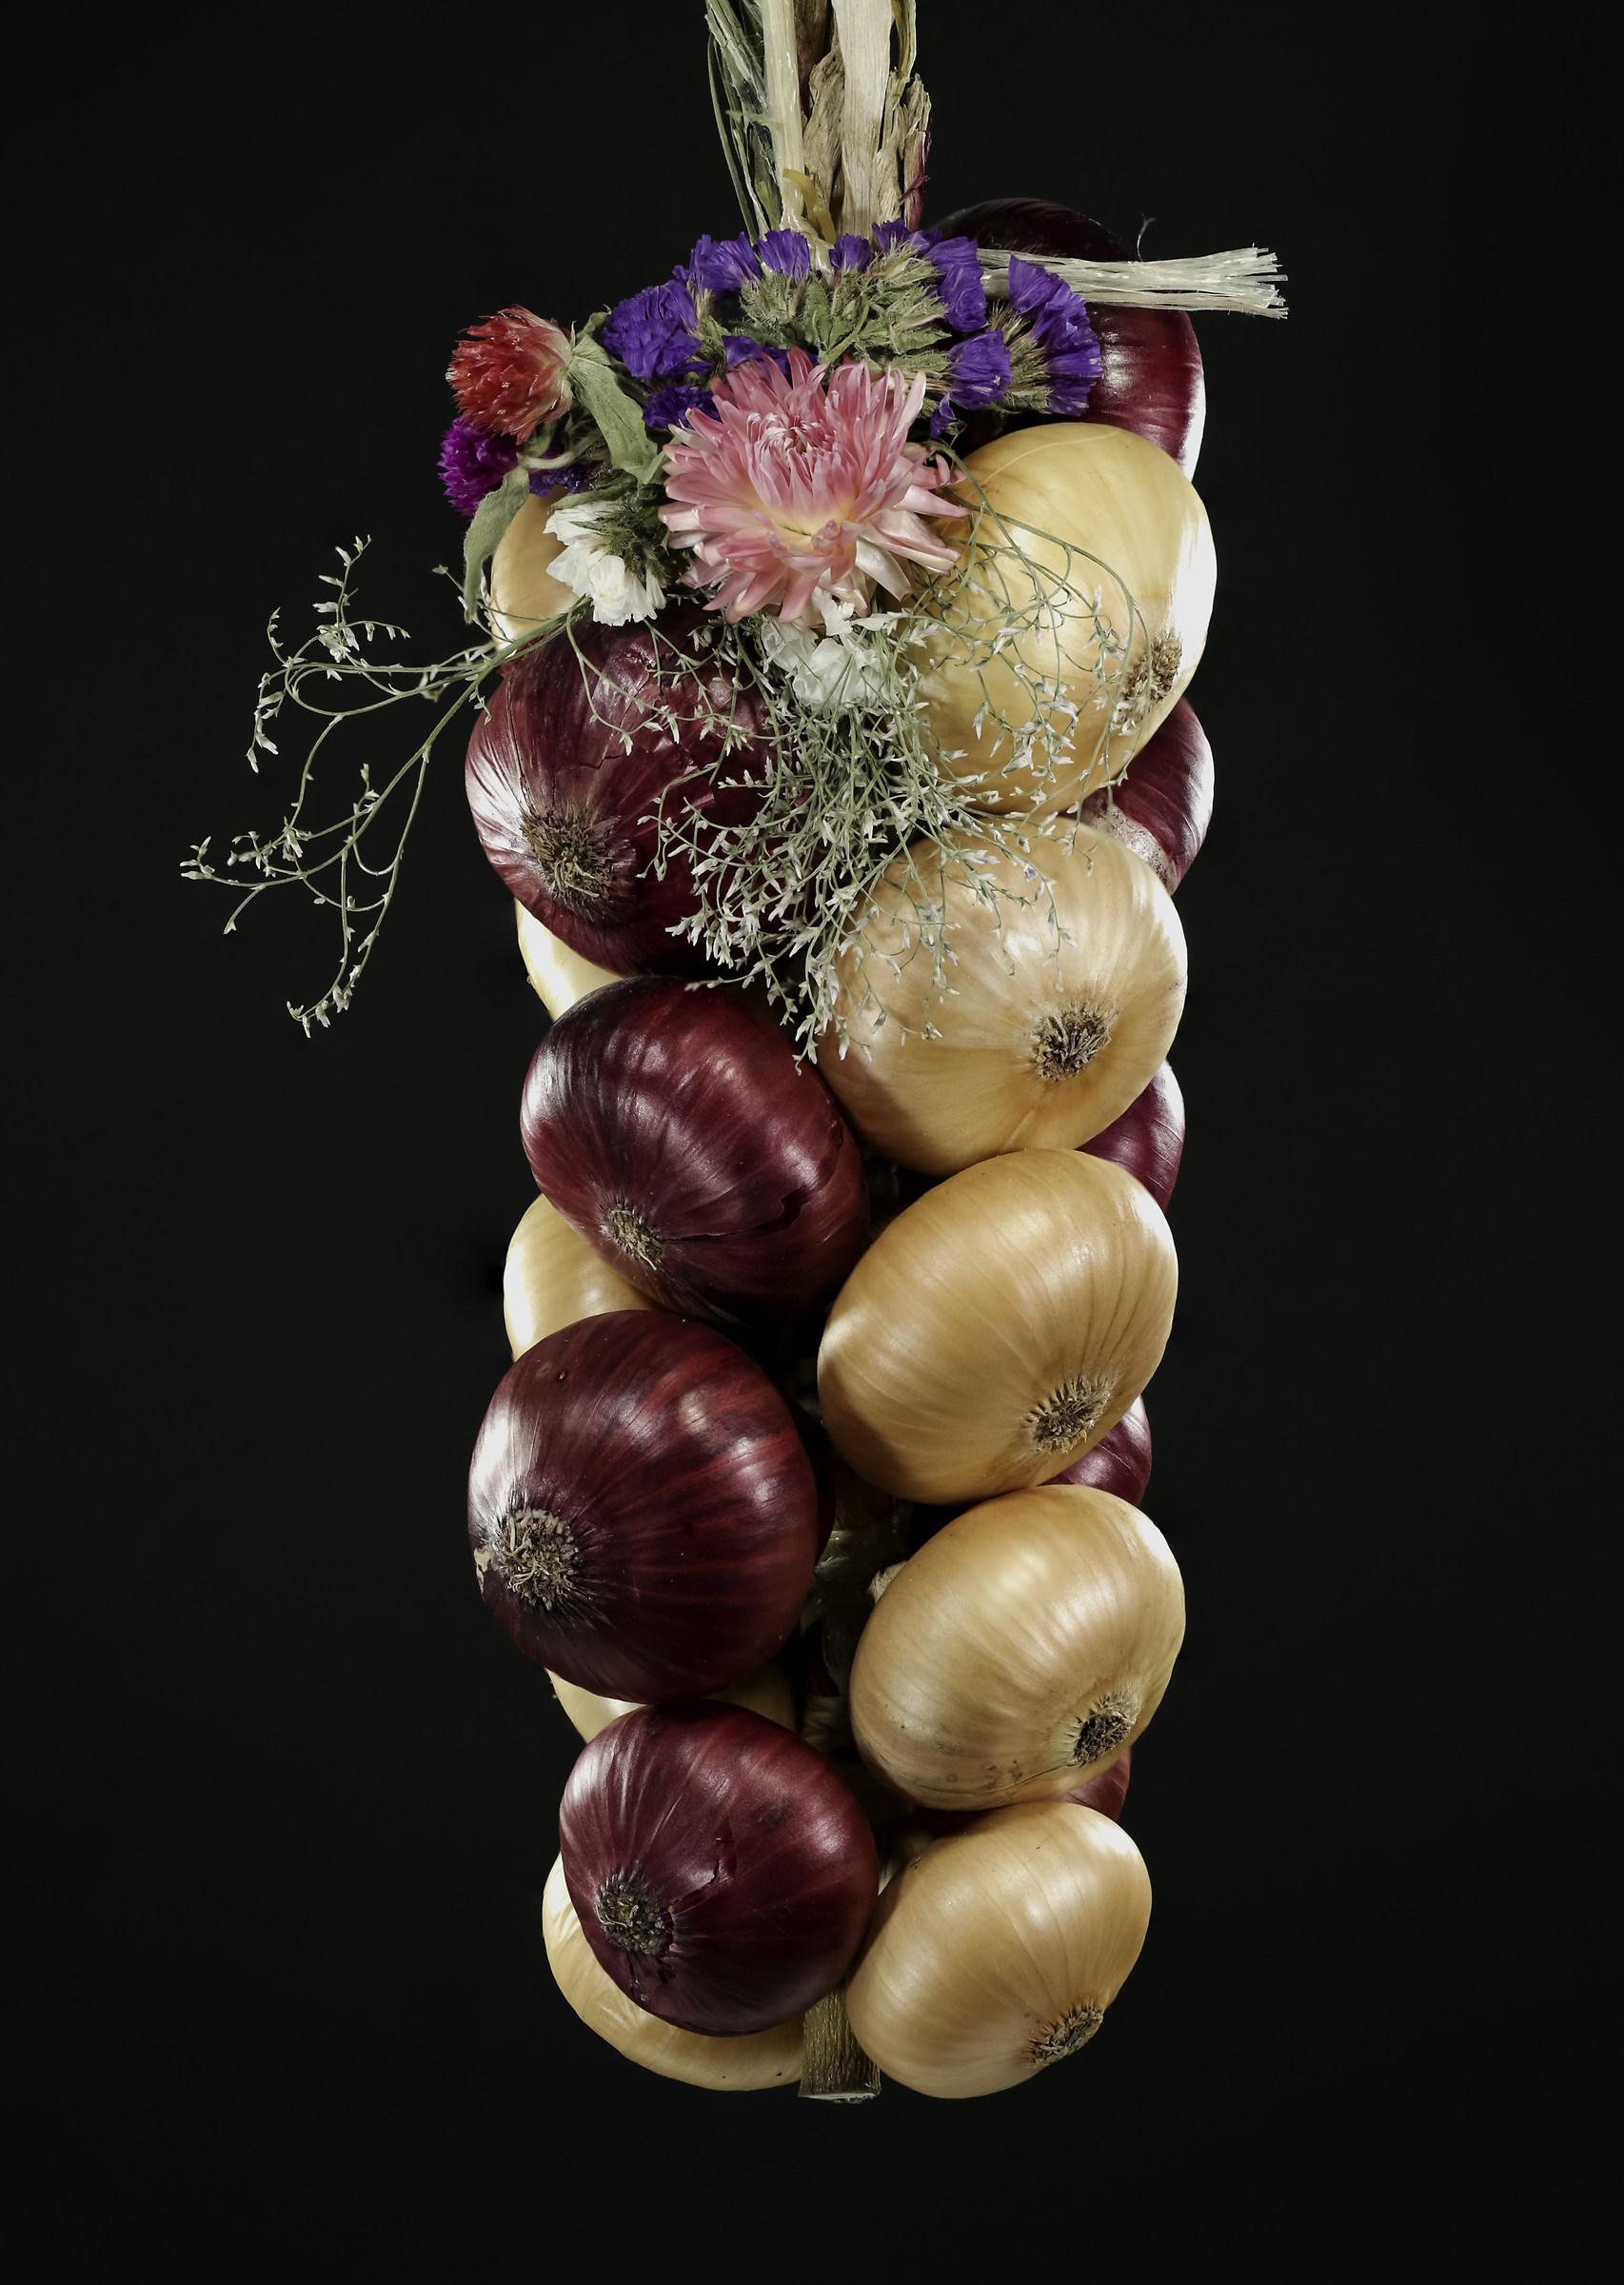 Onion Market Bern...